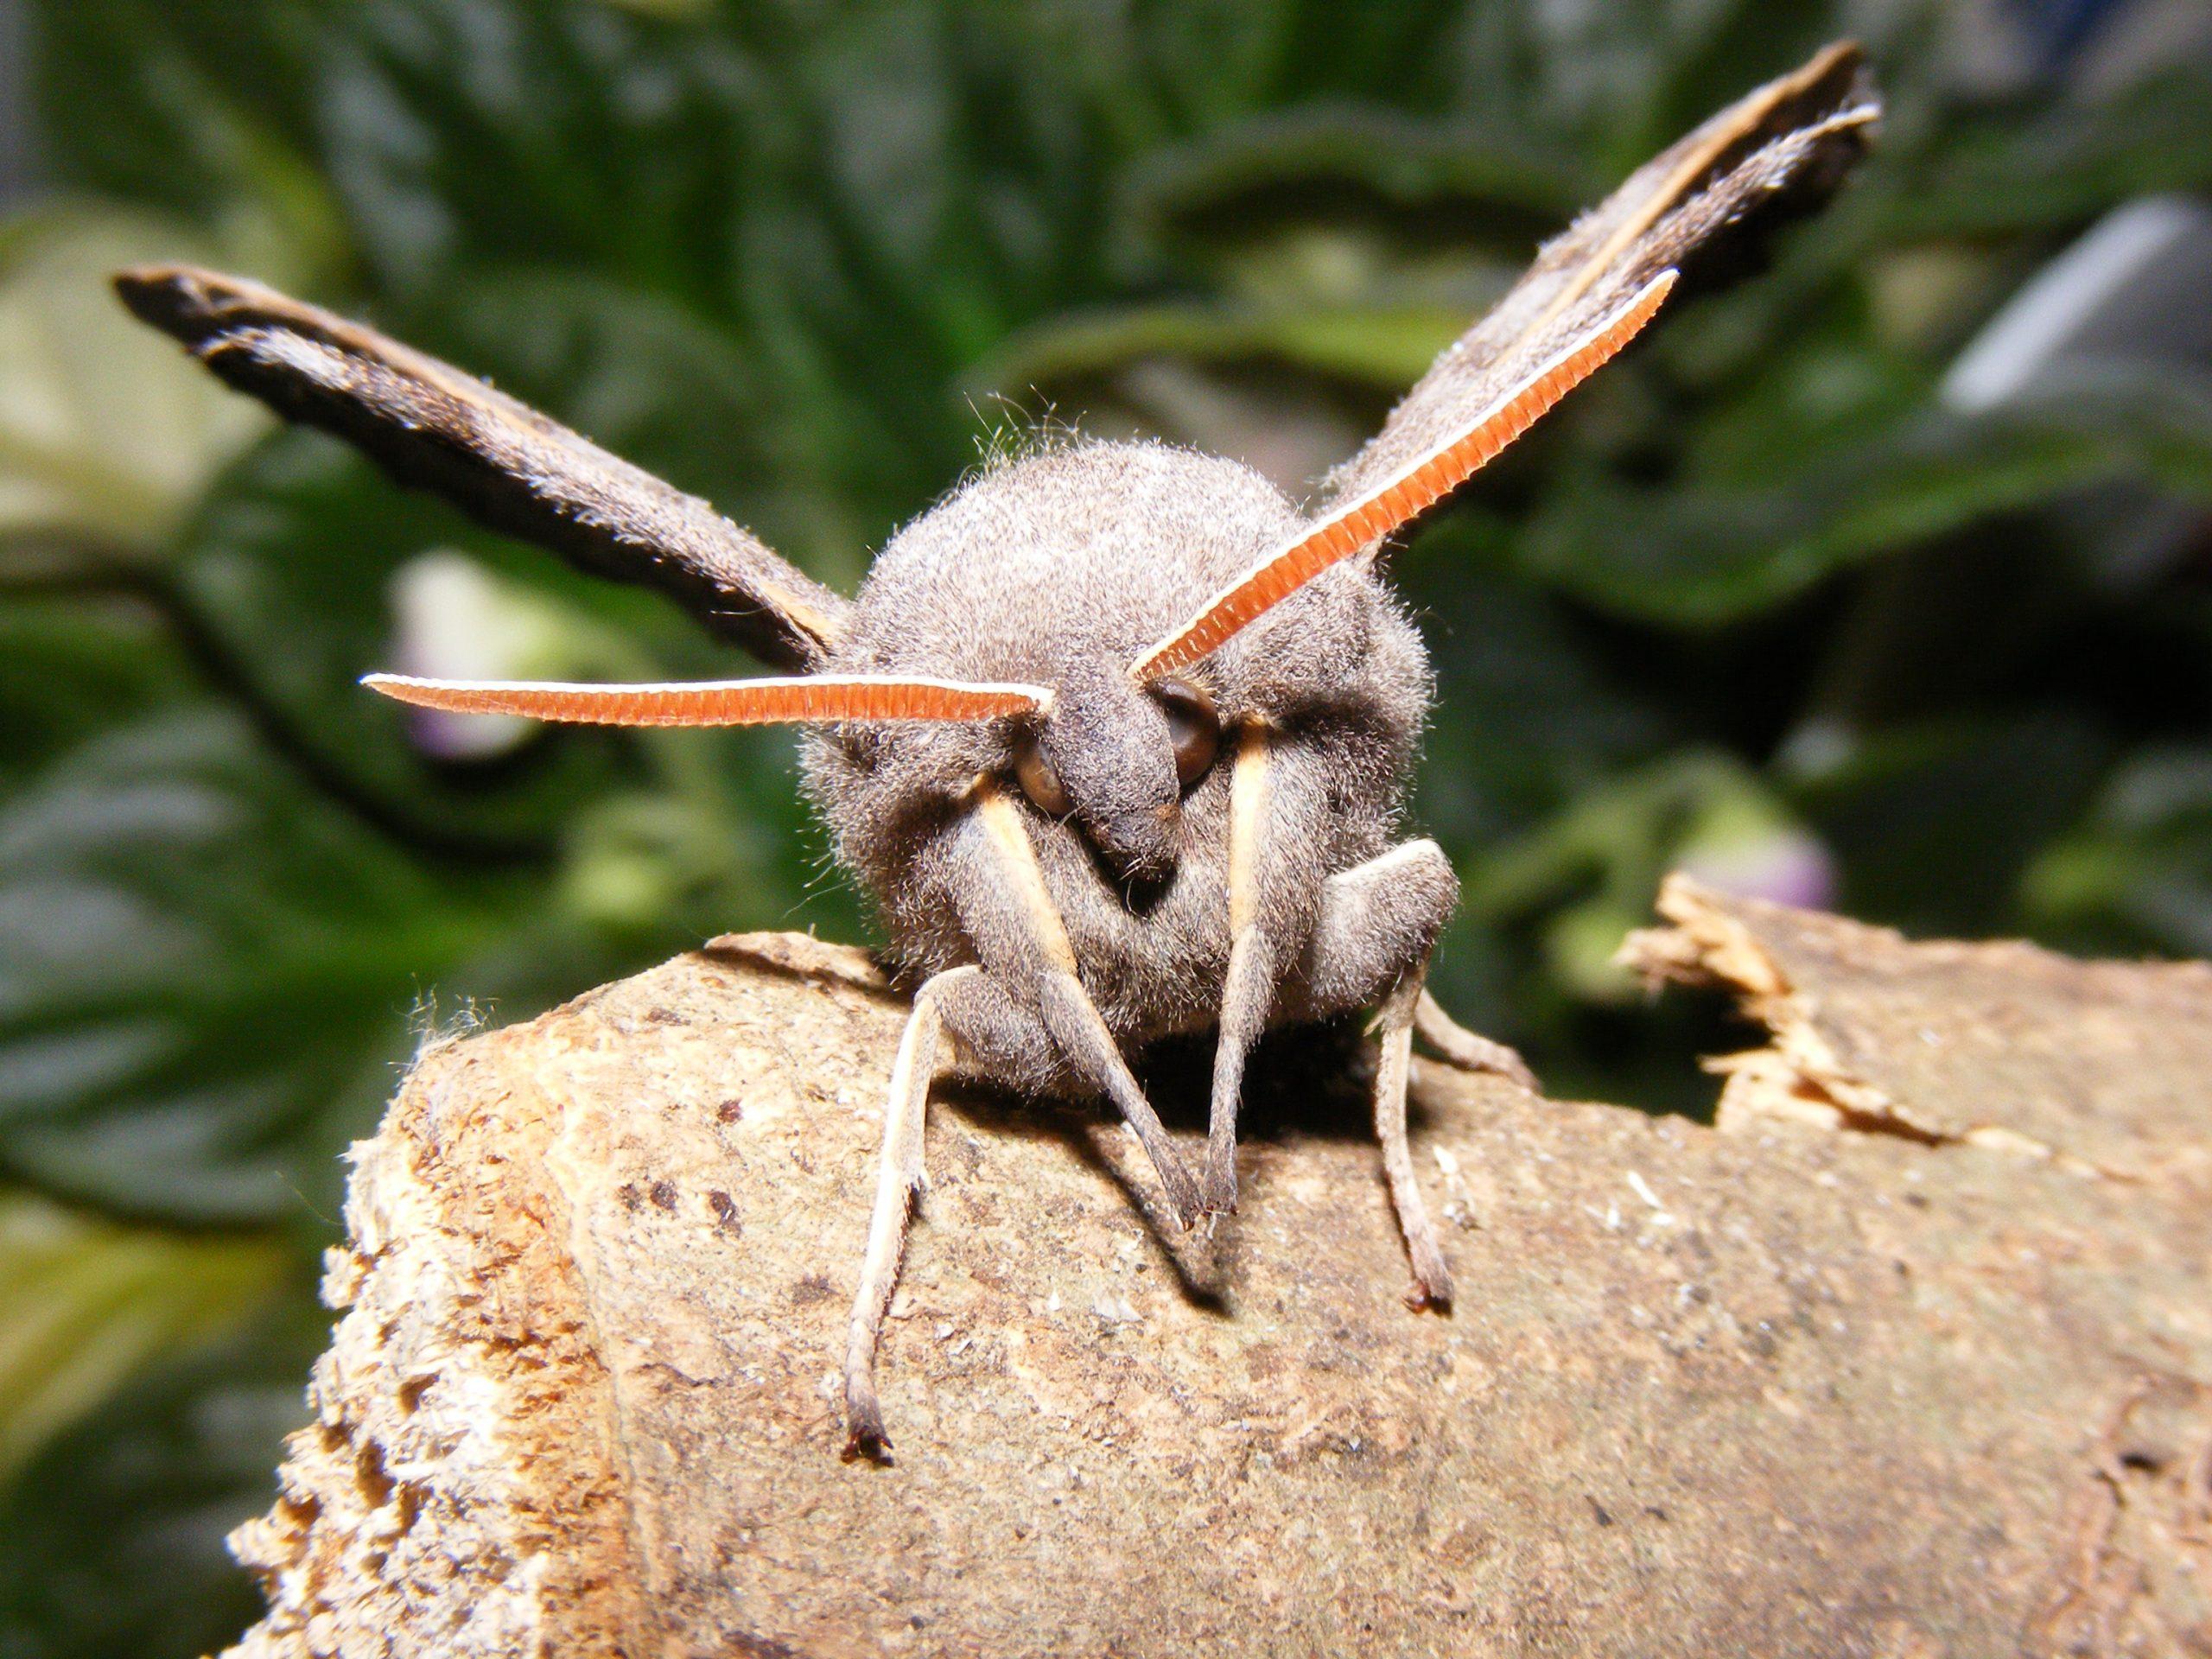 Poplar Hawk-moth (Laothoe populi) 29.4.14.Rooksbury Mill A303 Underpass